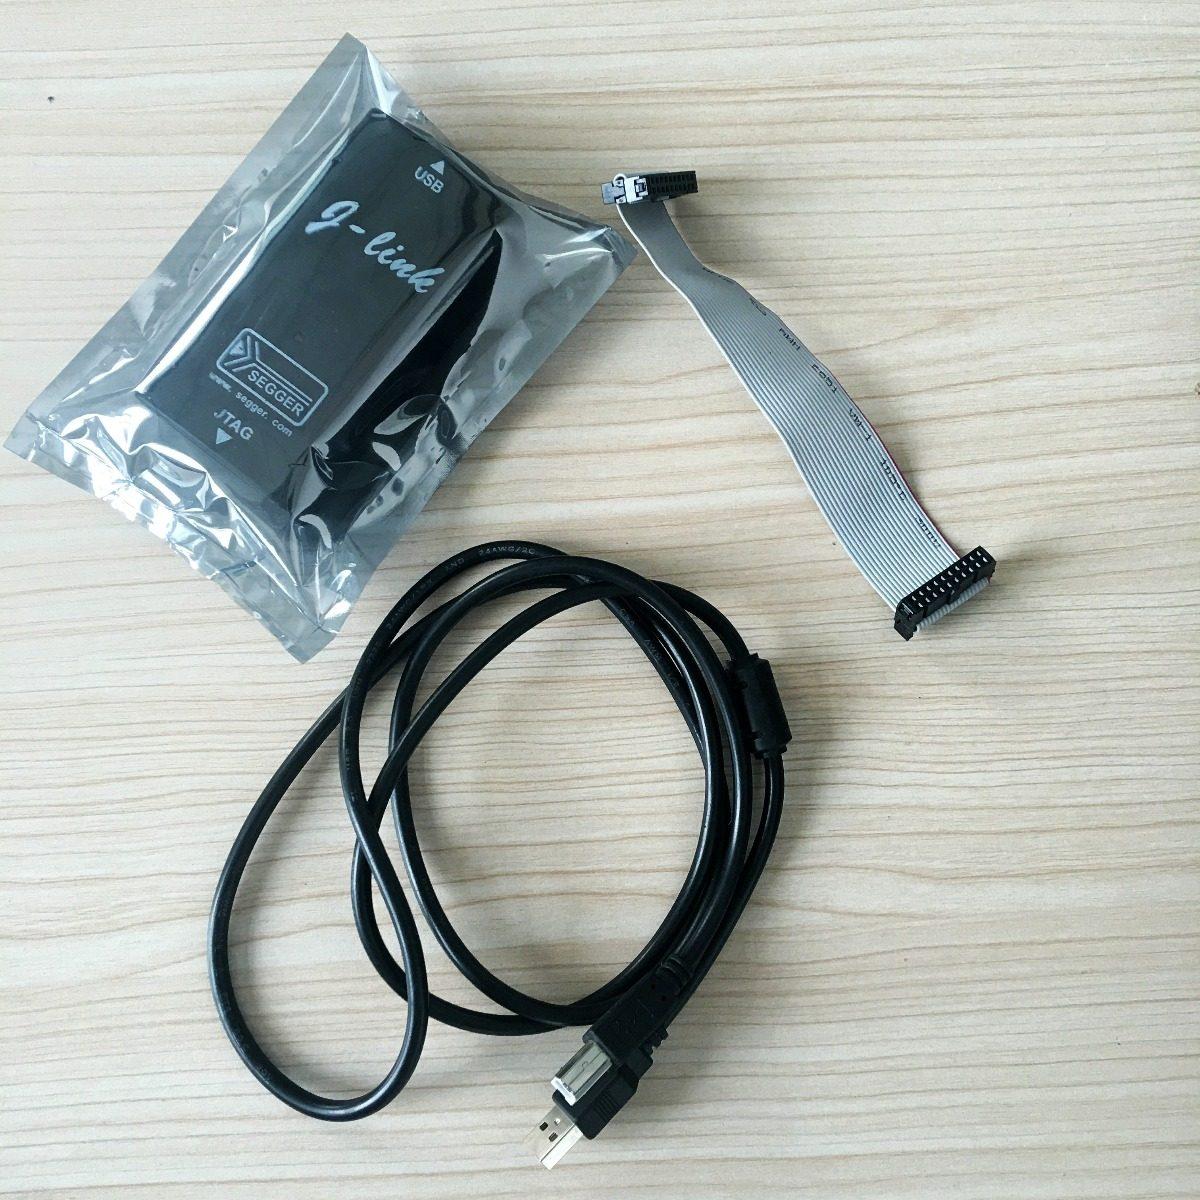 J-Link JLink V8 USB ARM JTAG Emulador Debugger Programador  chips ARM